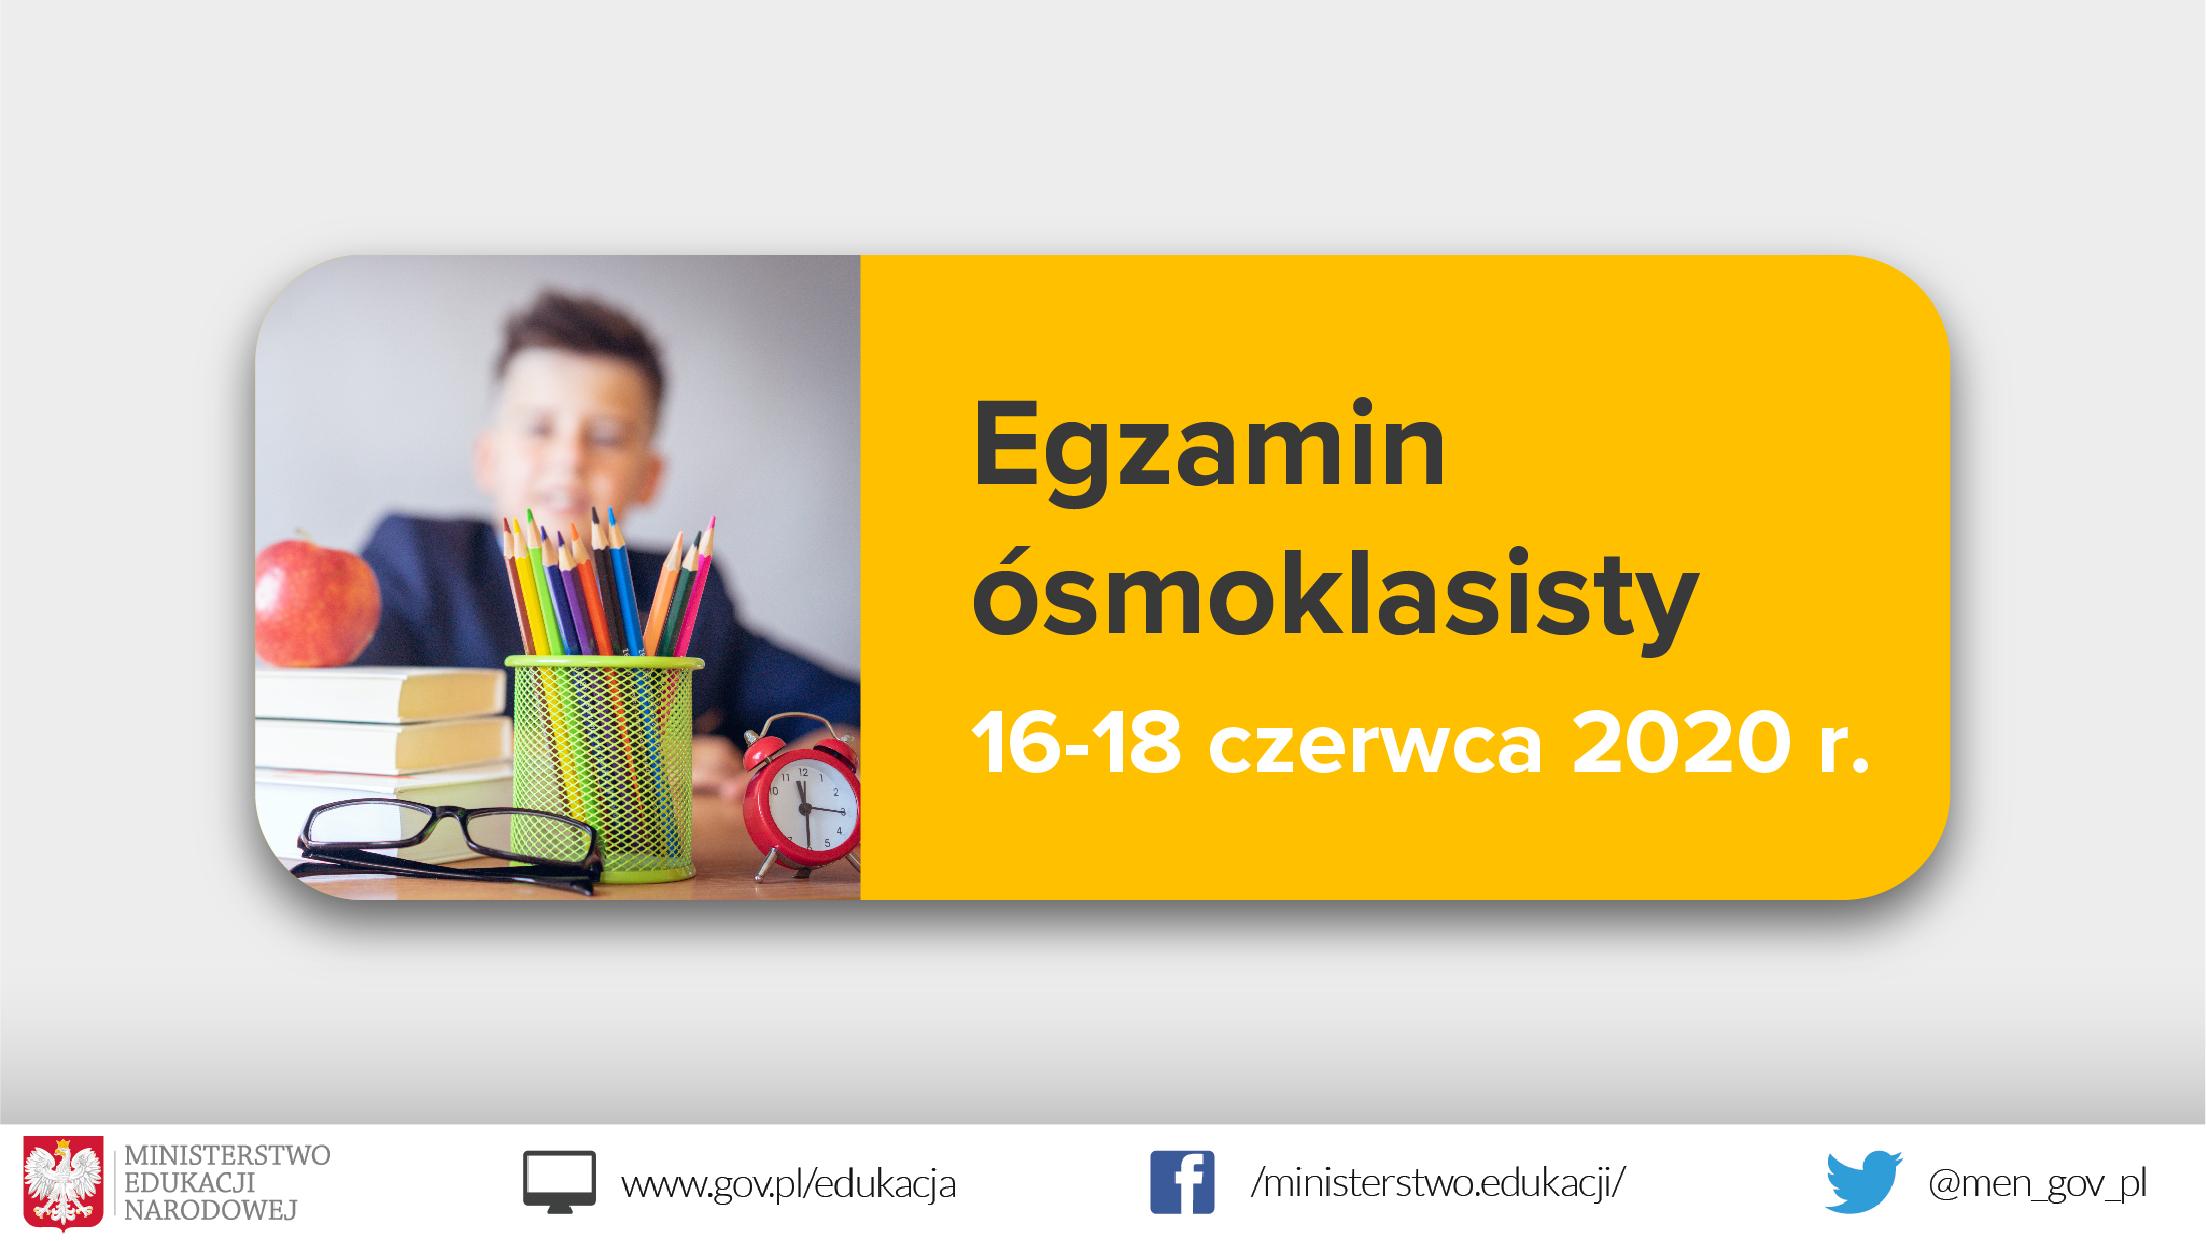 Jasnoszare tło, zdjęcie przyborów szkolnych po lewo, tekst po prawej stronie na żółtym tle: